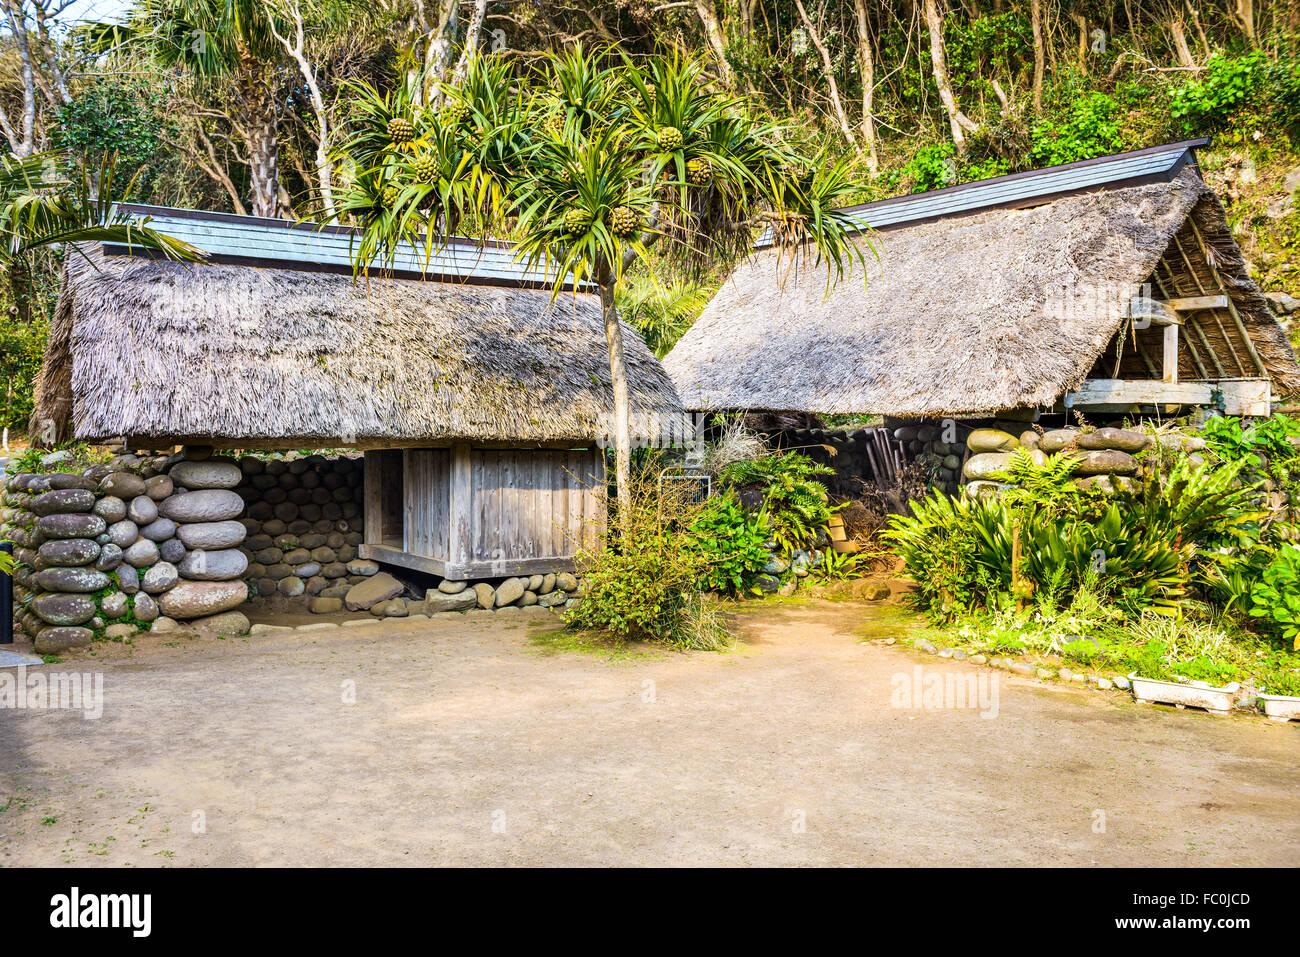 Huttes sur l'Île Hachijojima, Tokyo, Japon, une ancienne colonie pénitentiaire. Photo Stock